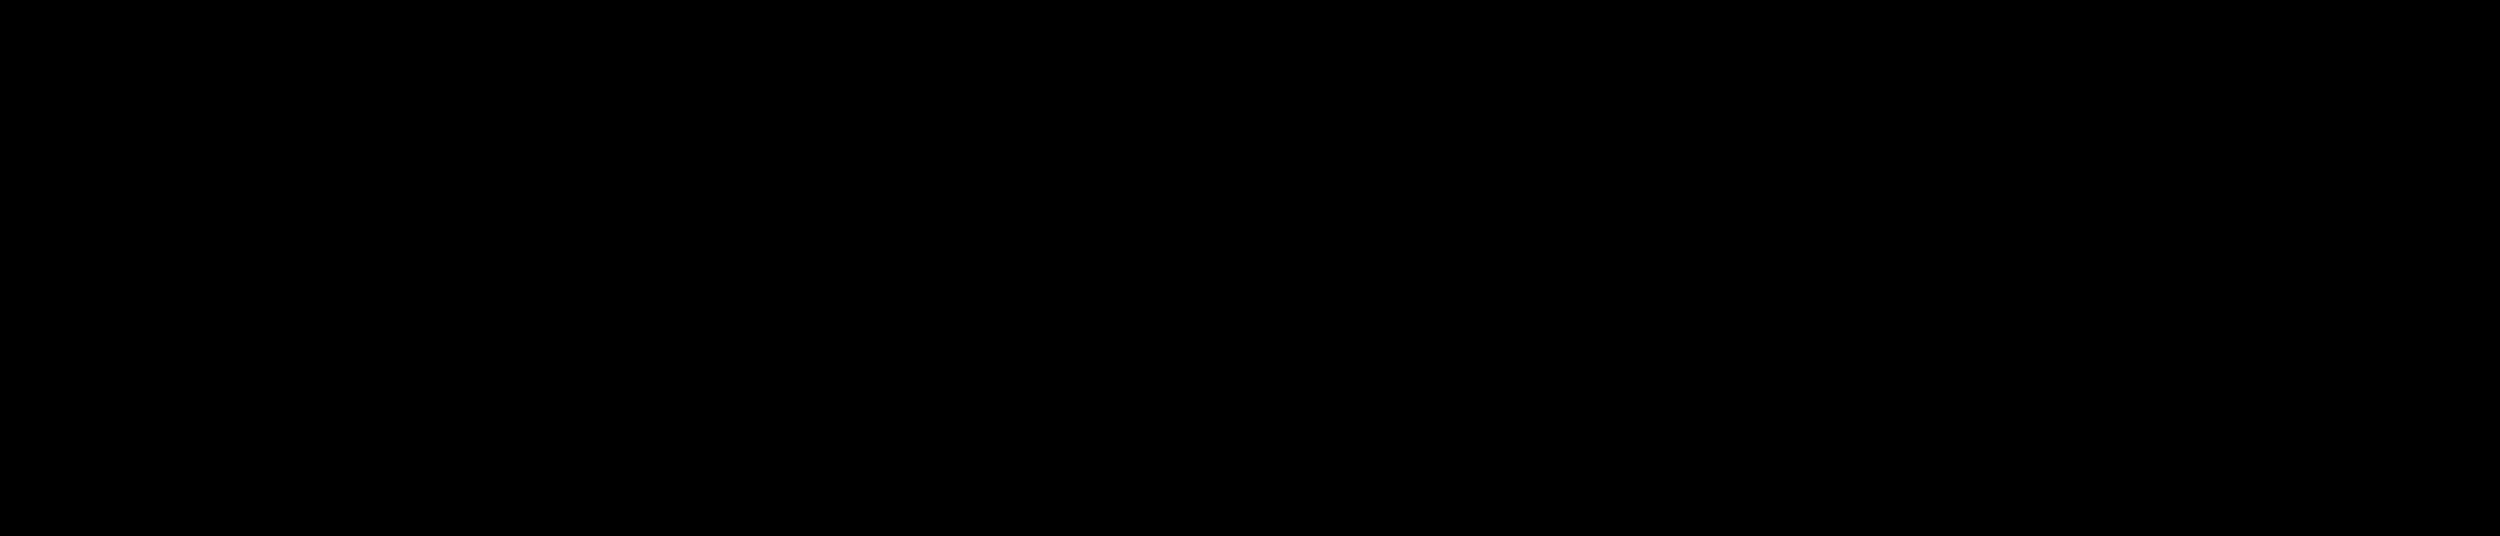 Logo STACT - CellArt-01.png